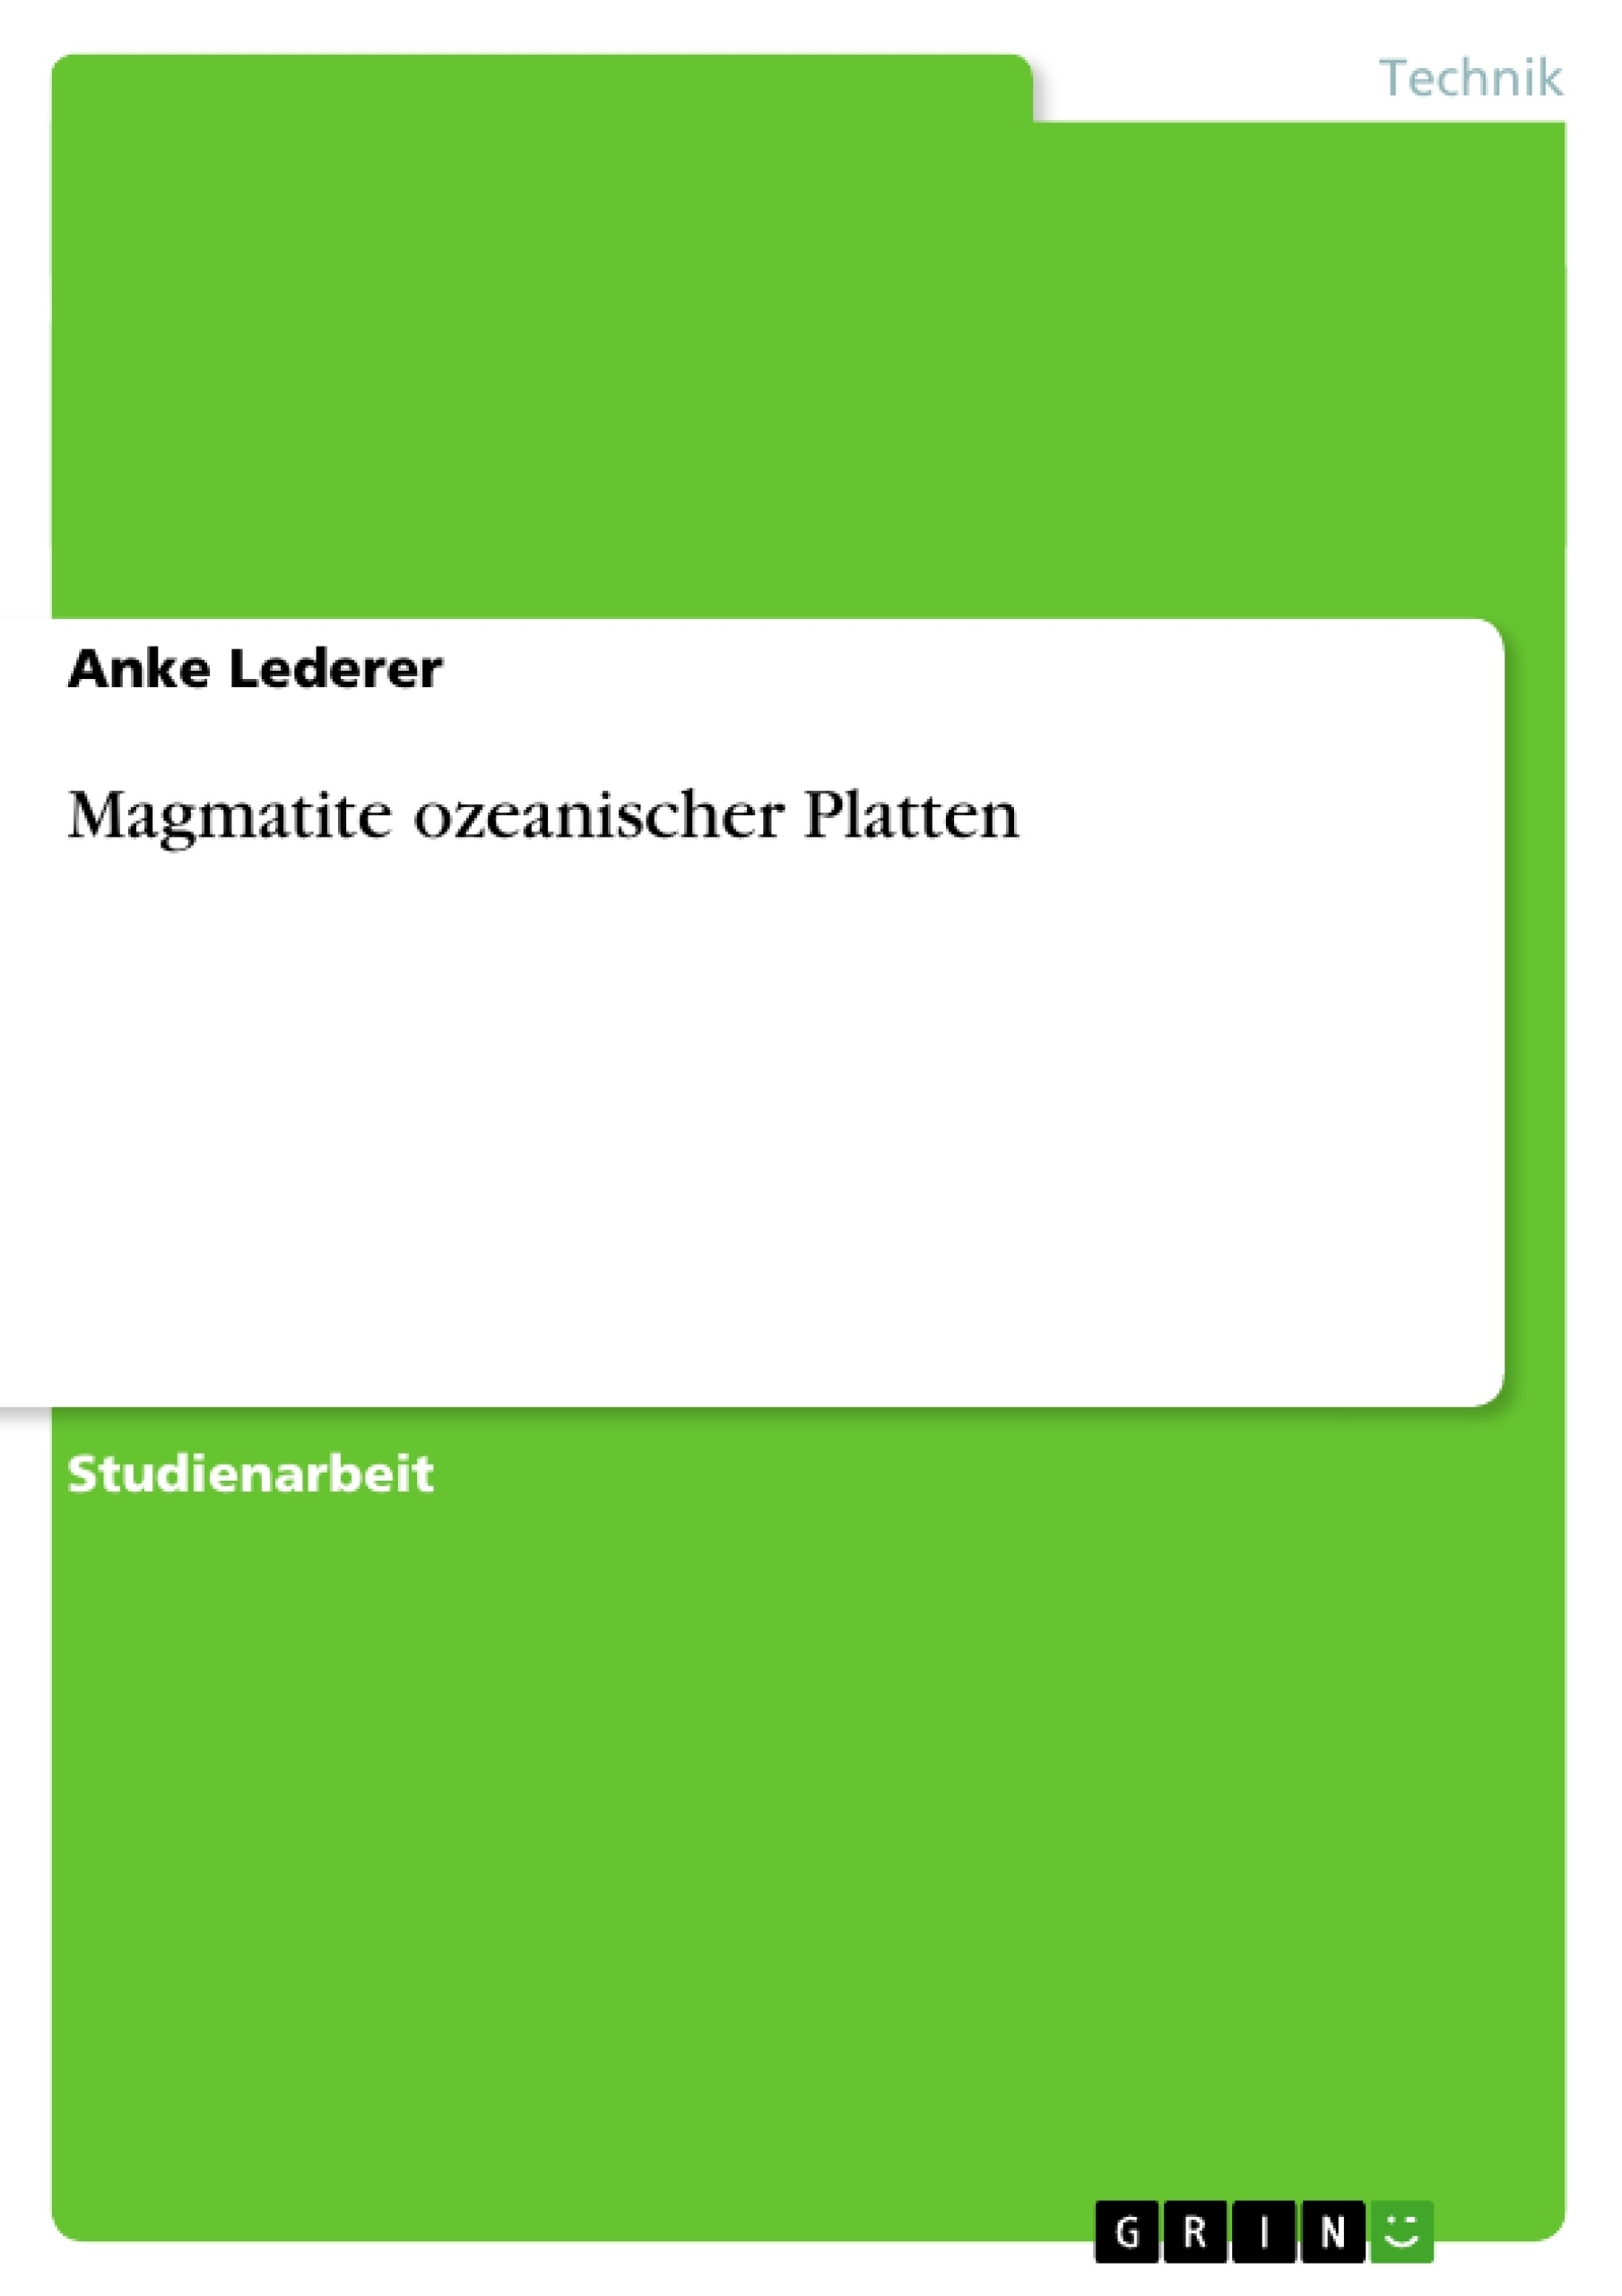 Titel: Magmatite ozeanischer Platten